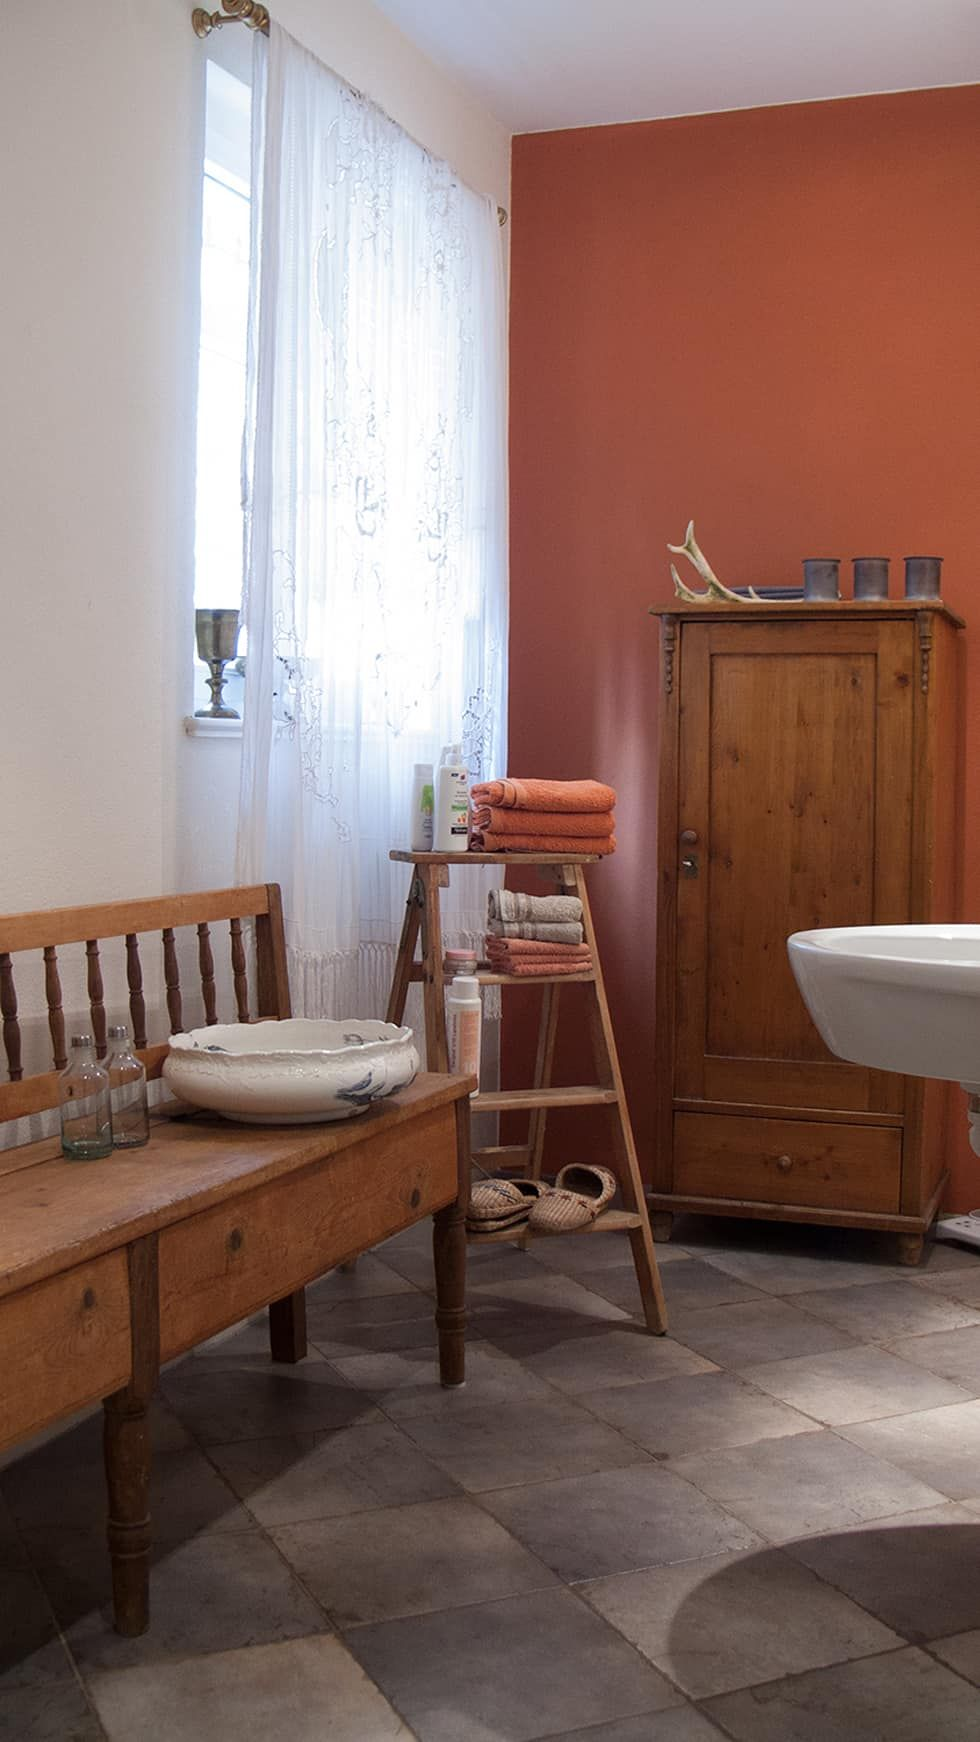 Eckbank dansk design  Wohnideen, Interior Design, Einrichtungsideen & Bilder   klassisches ...